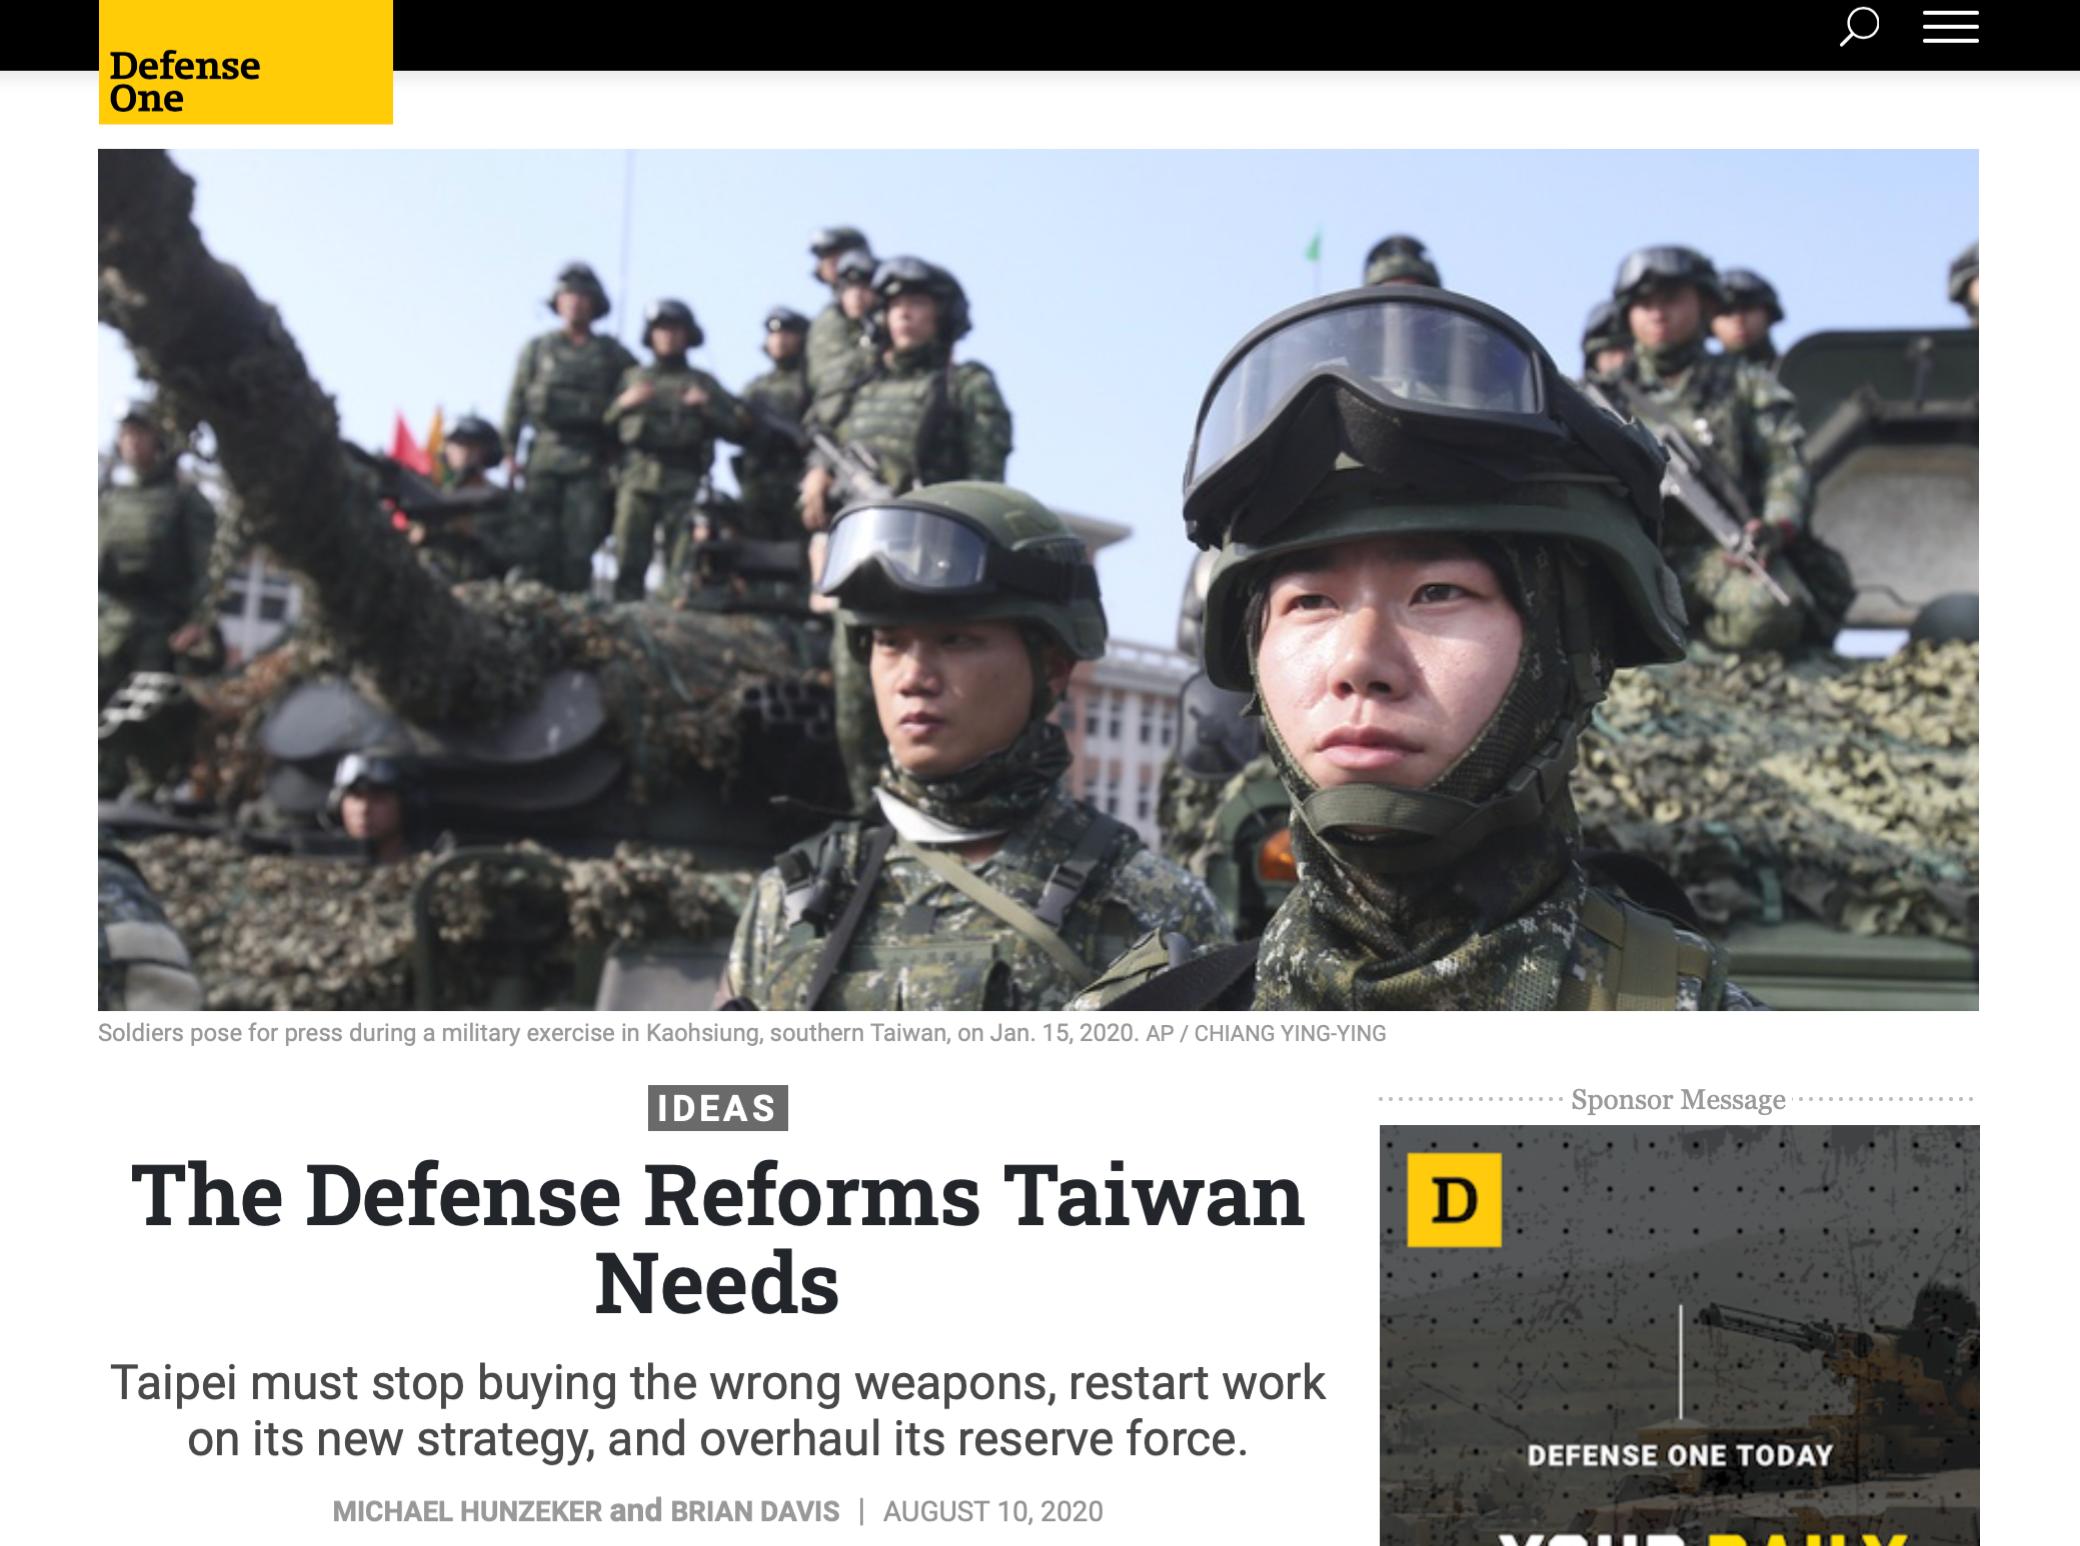 """美国两位学者投书指出,随着中国军事力量及武统台湾意图增强,美国若在""""两岸冲突时是否会援助台湾""""问题上,继续暧昧,会增加战争风险。(Defense One官网)"""